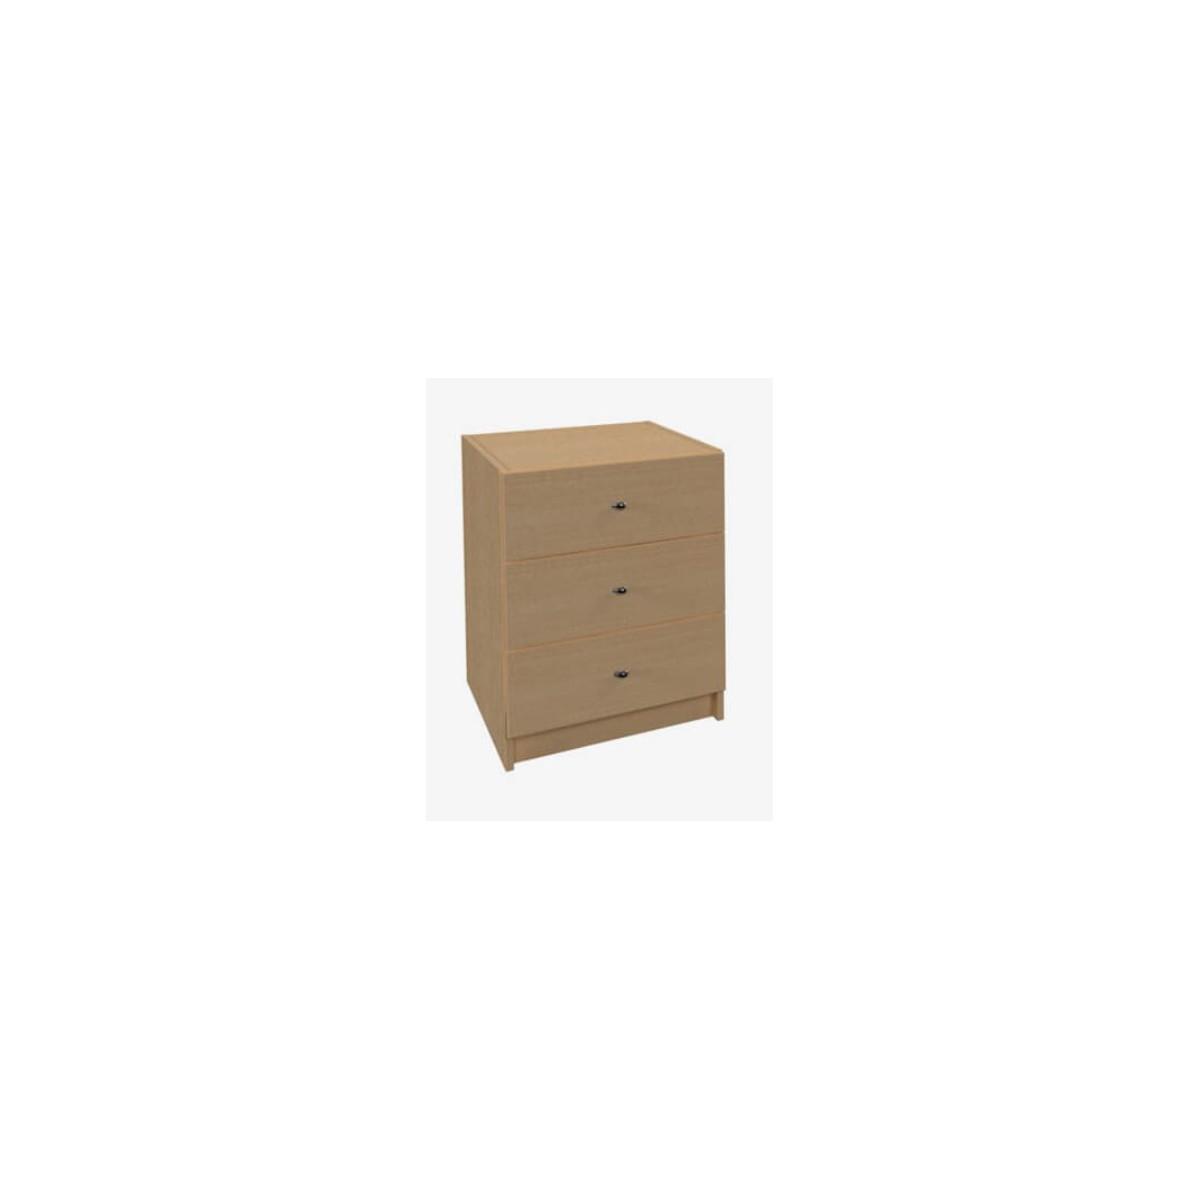 Cube Kontener do biurka bez intarsji